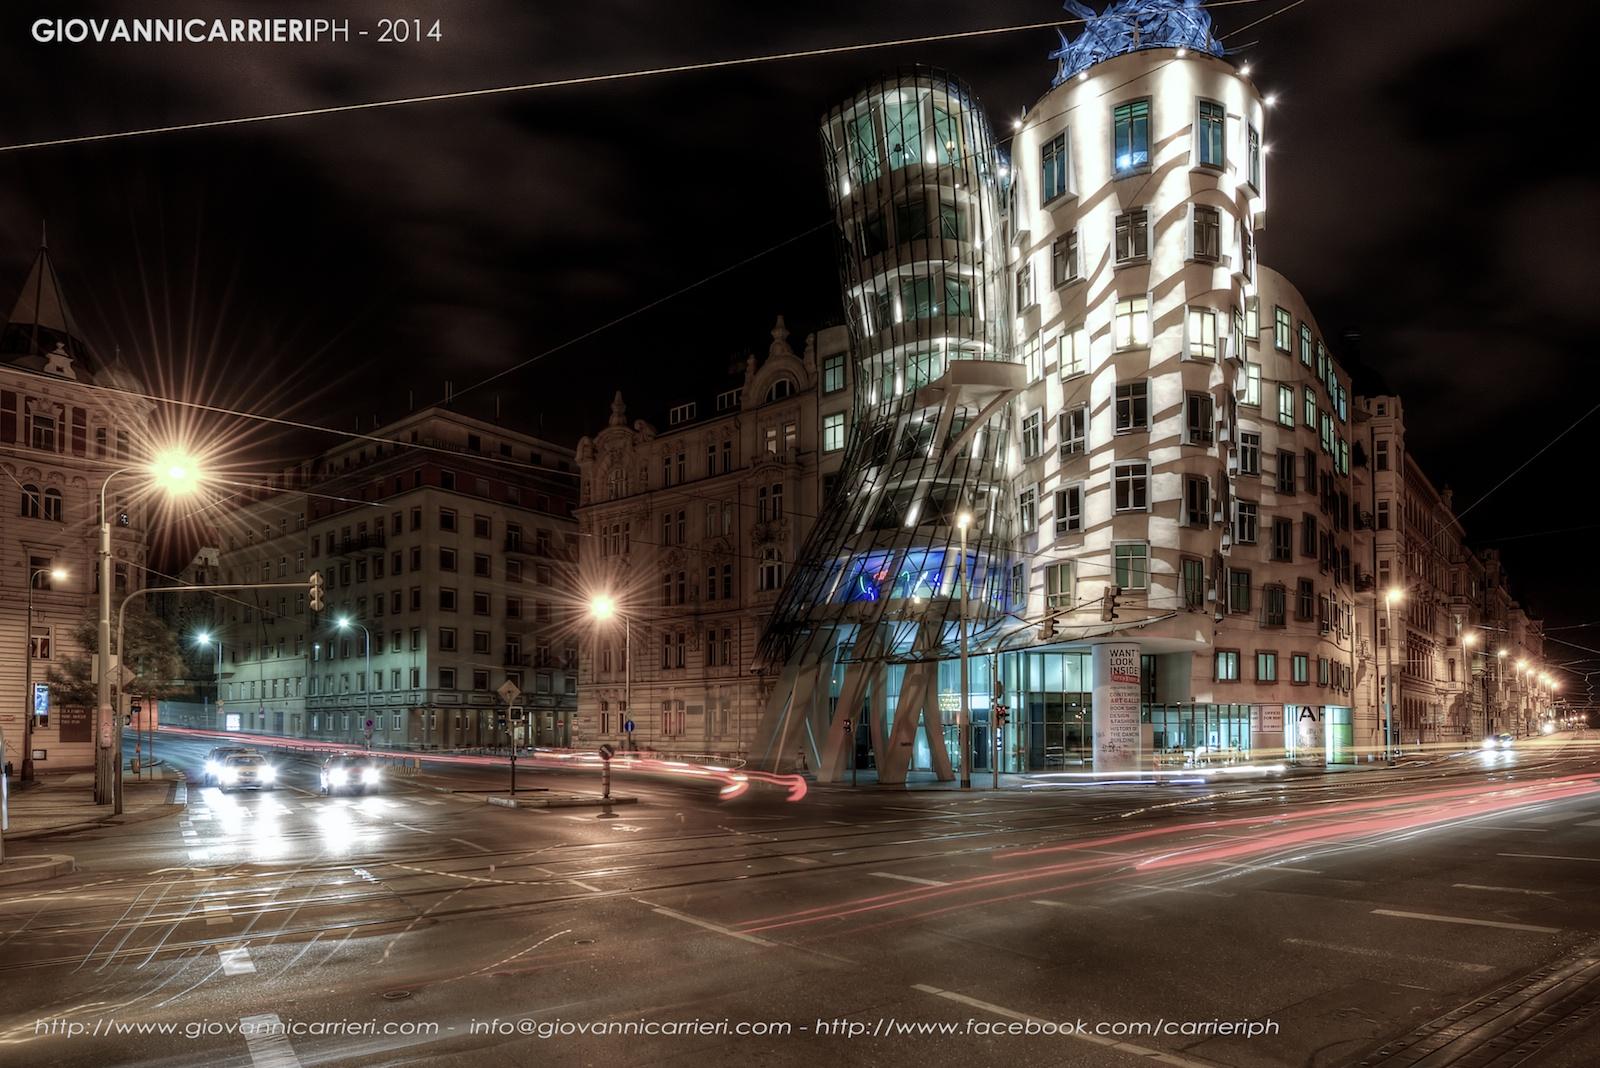 La casa danzante di Gehry - Praga